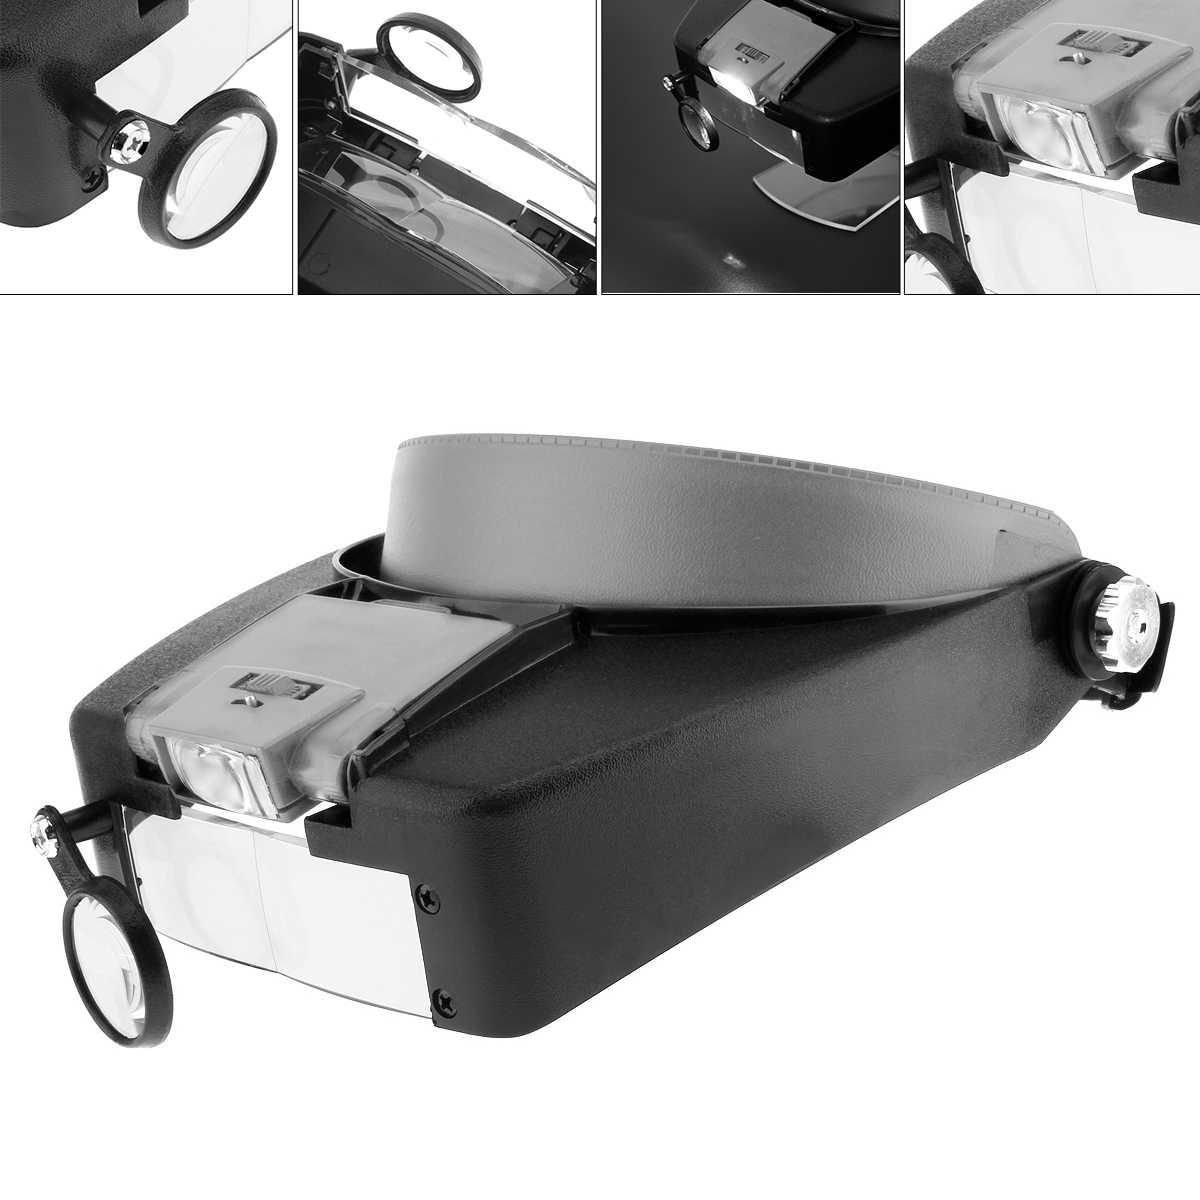 שחור ואפור ABS בגימור 10X זכוכית מגדלת ראש זכוכית מגדלת עדשת זכוכית מגדלת עם LED אור 3 אופטי עדשה עבור תכשיט תיקון